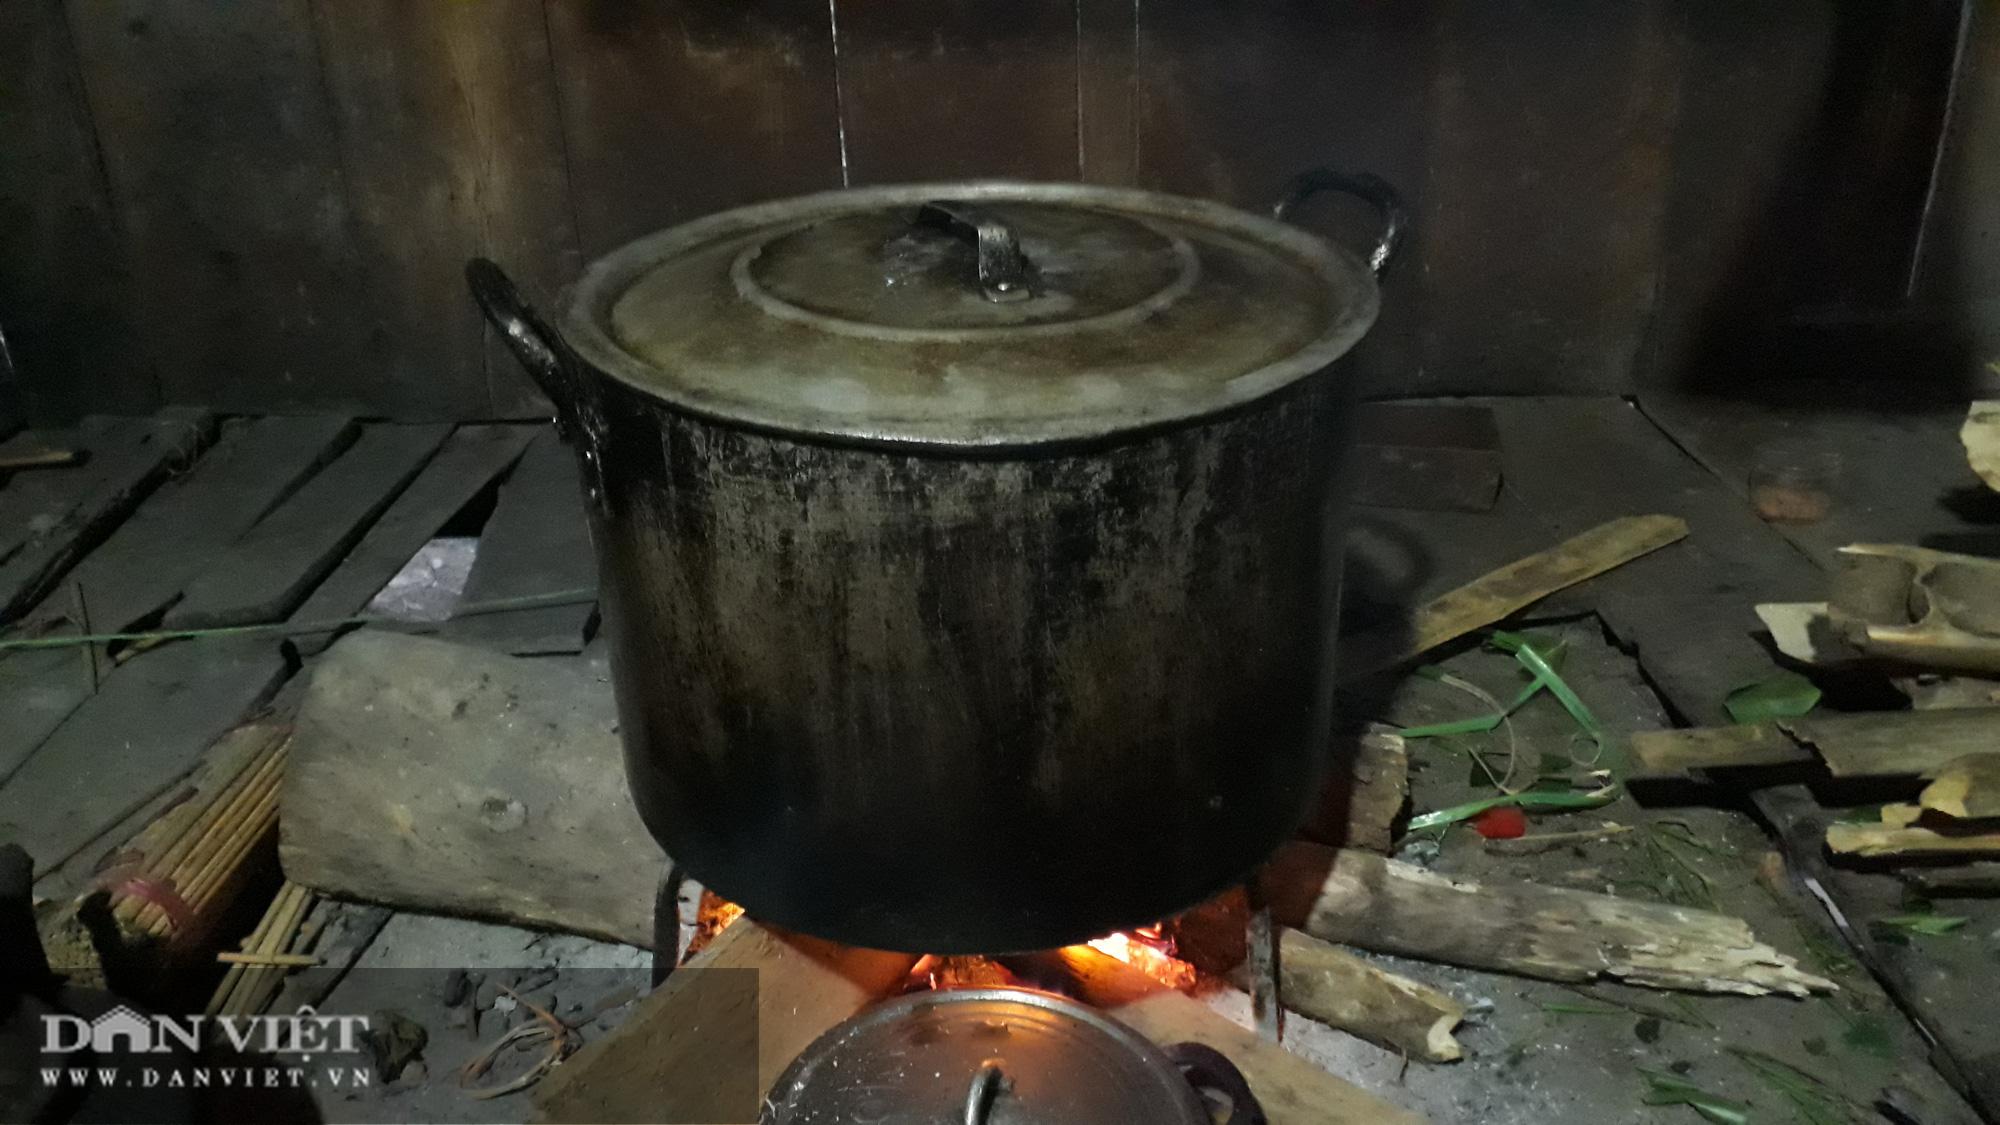 Độc đáo chiếc bánh chưng đen trong Tết cổ truyền của người Tày Văn Chấn Yên Bái - Ảnh 8.